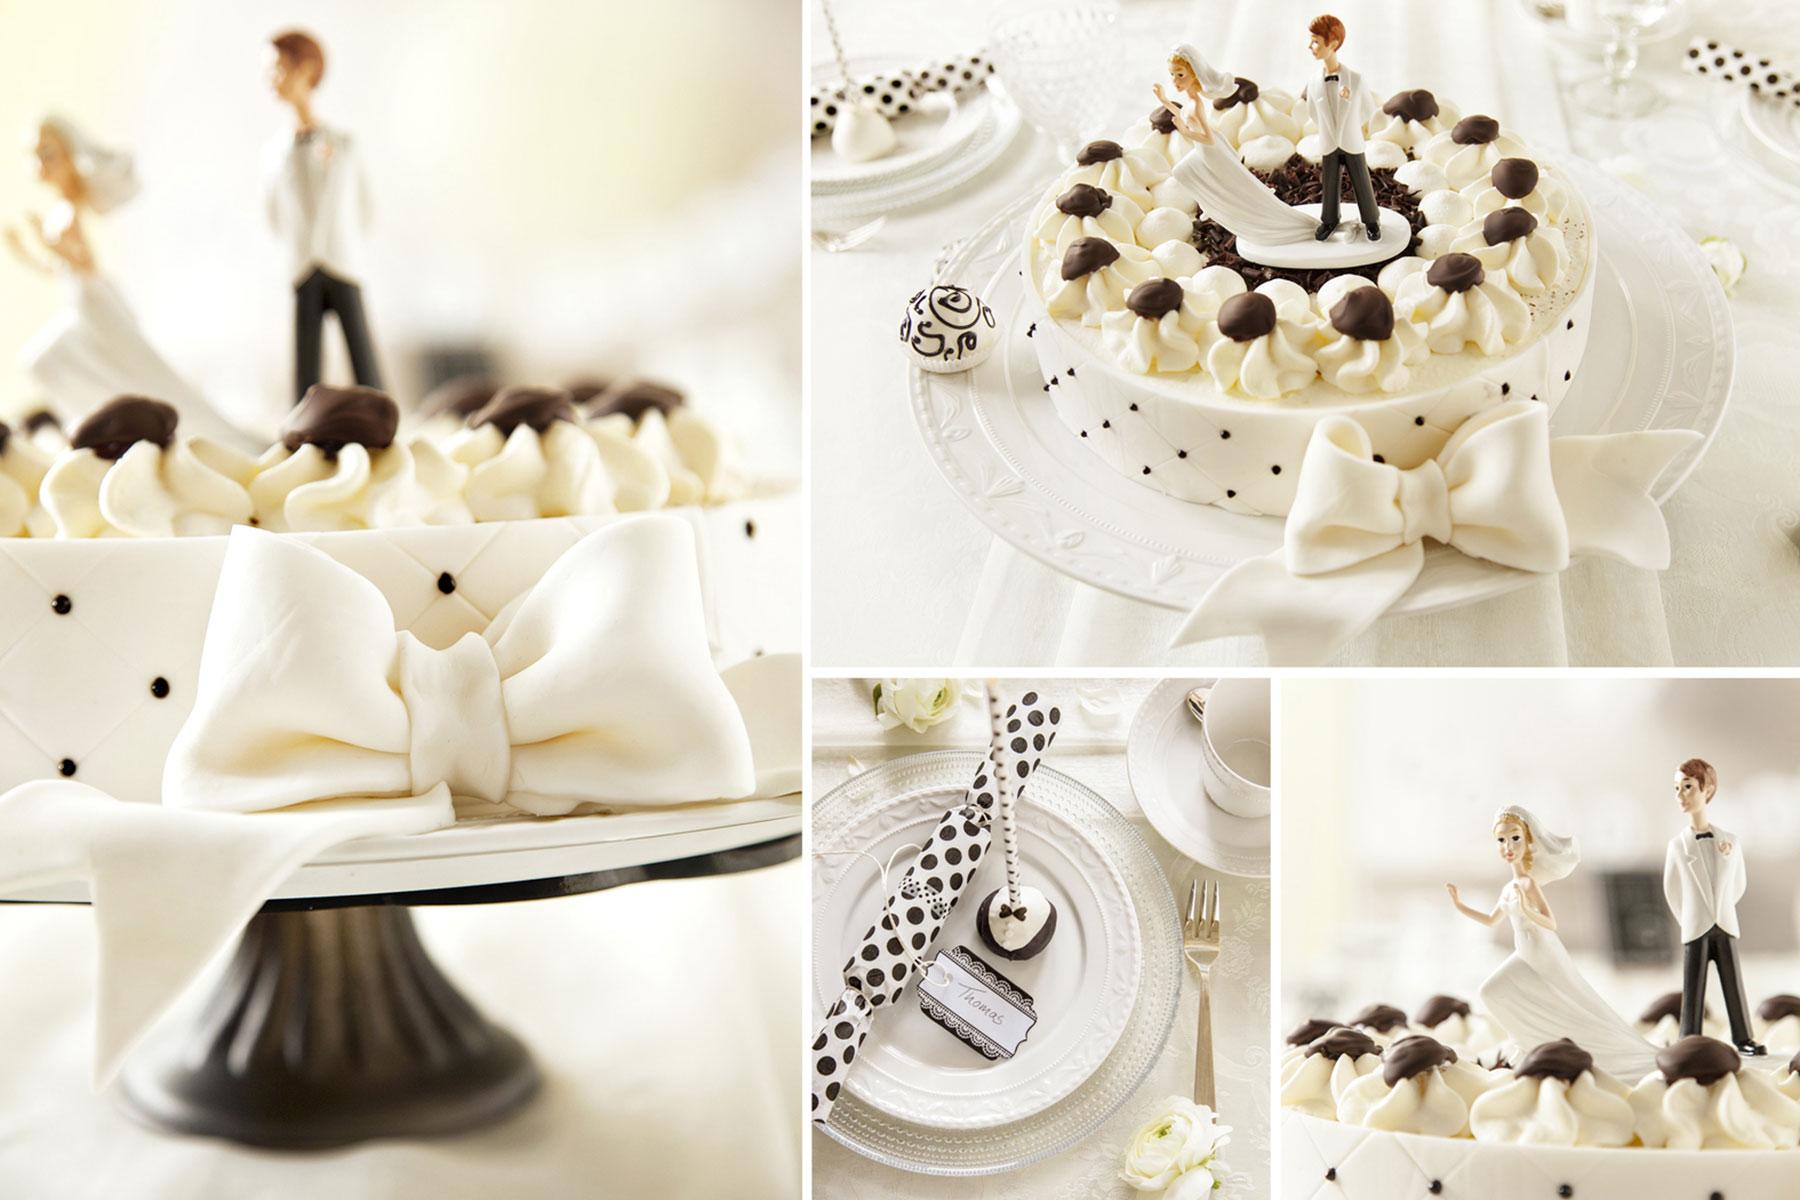 Hochzeitstorte Rezept und Ideen plus Cake Pops in Schwarz und Weiß